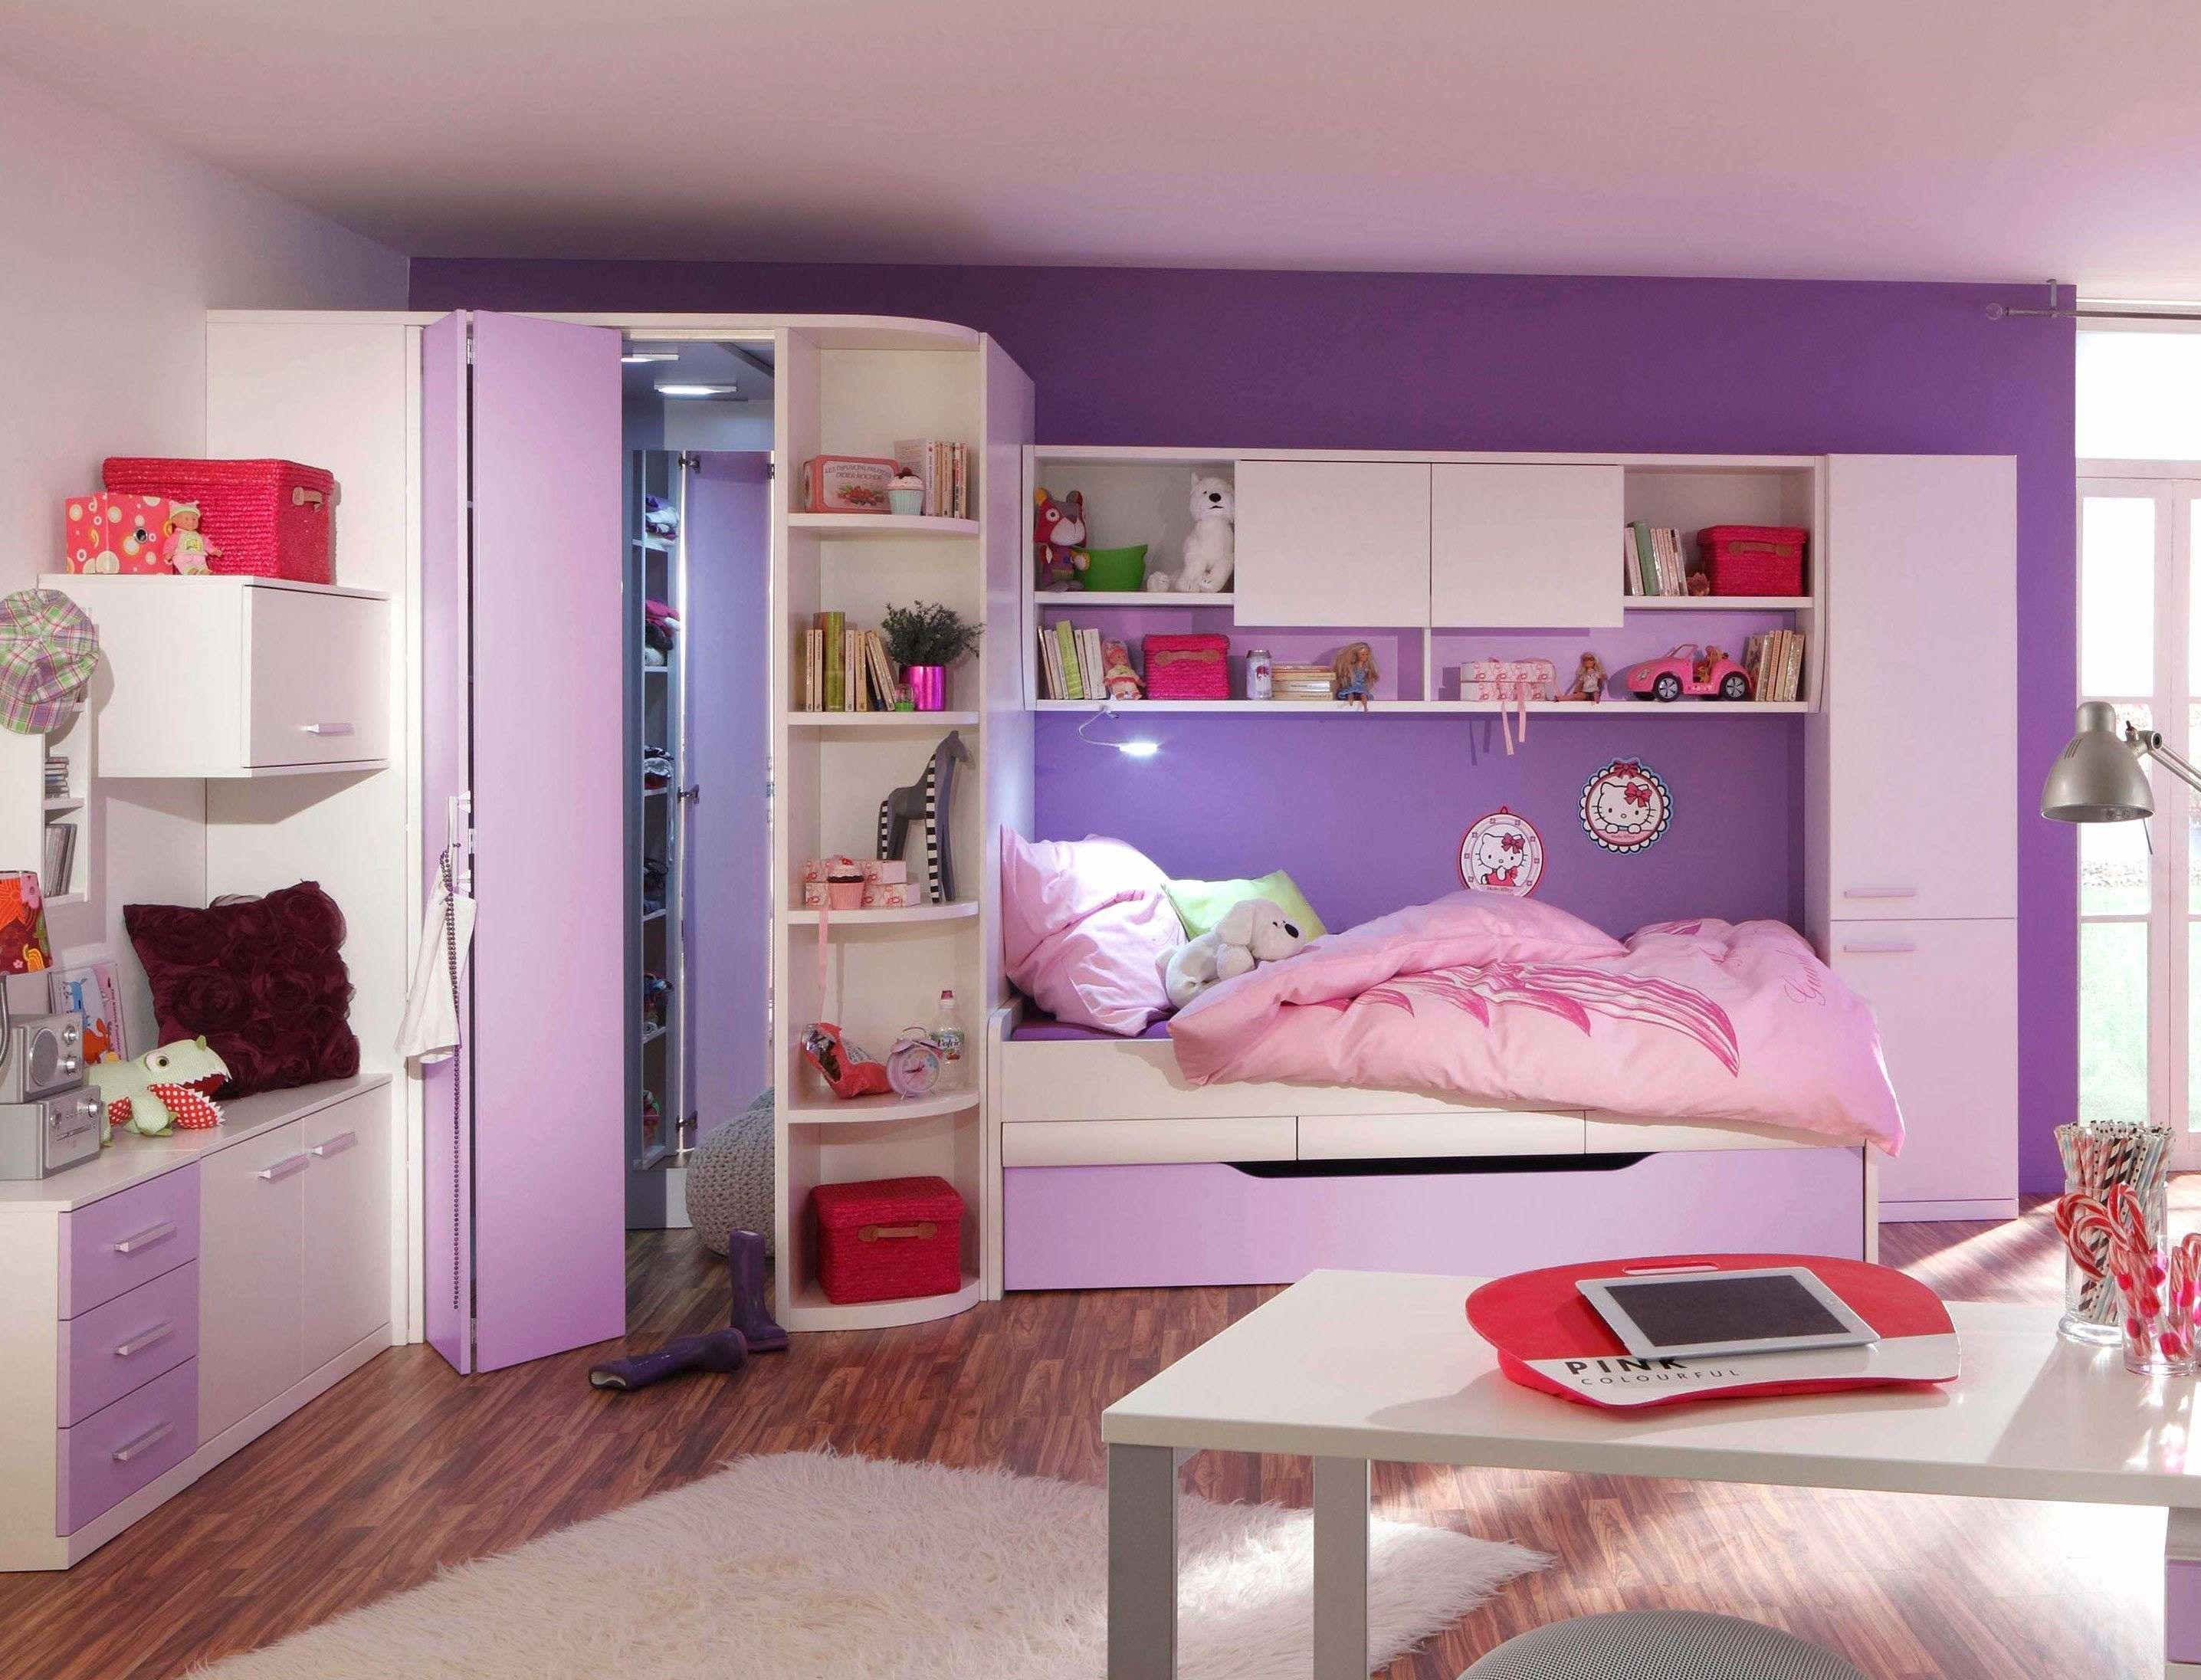 Jugendzimmer Eckschrank Begehbar Eckkleiderschrank Kinderzimmer In 2020 Home Decor Furniture Bed